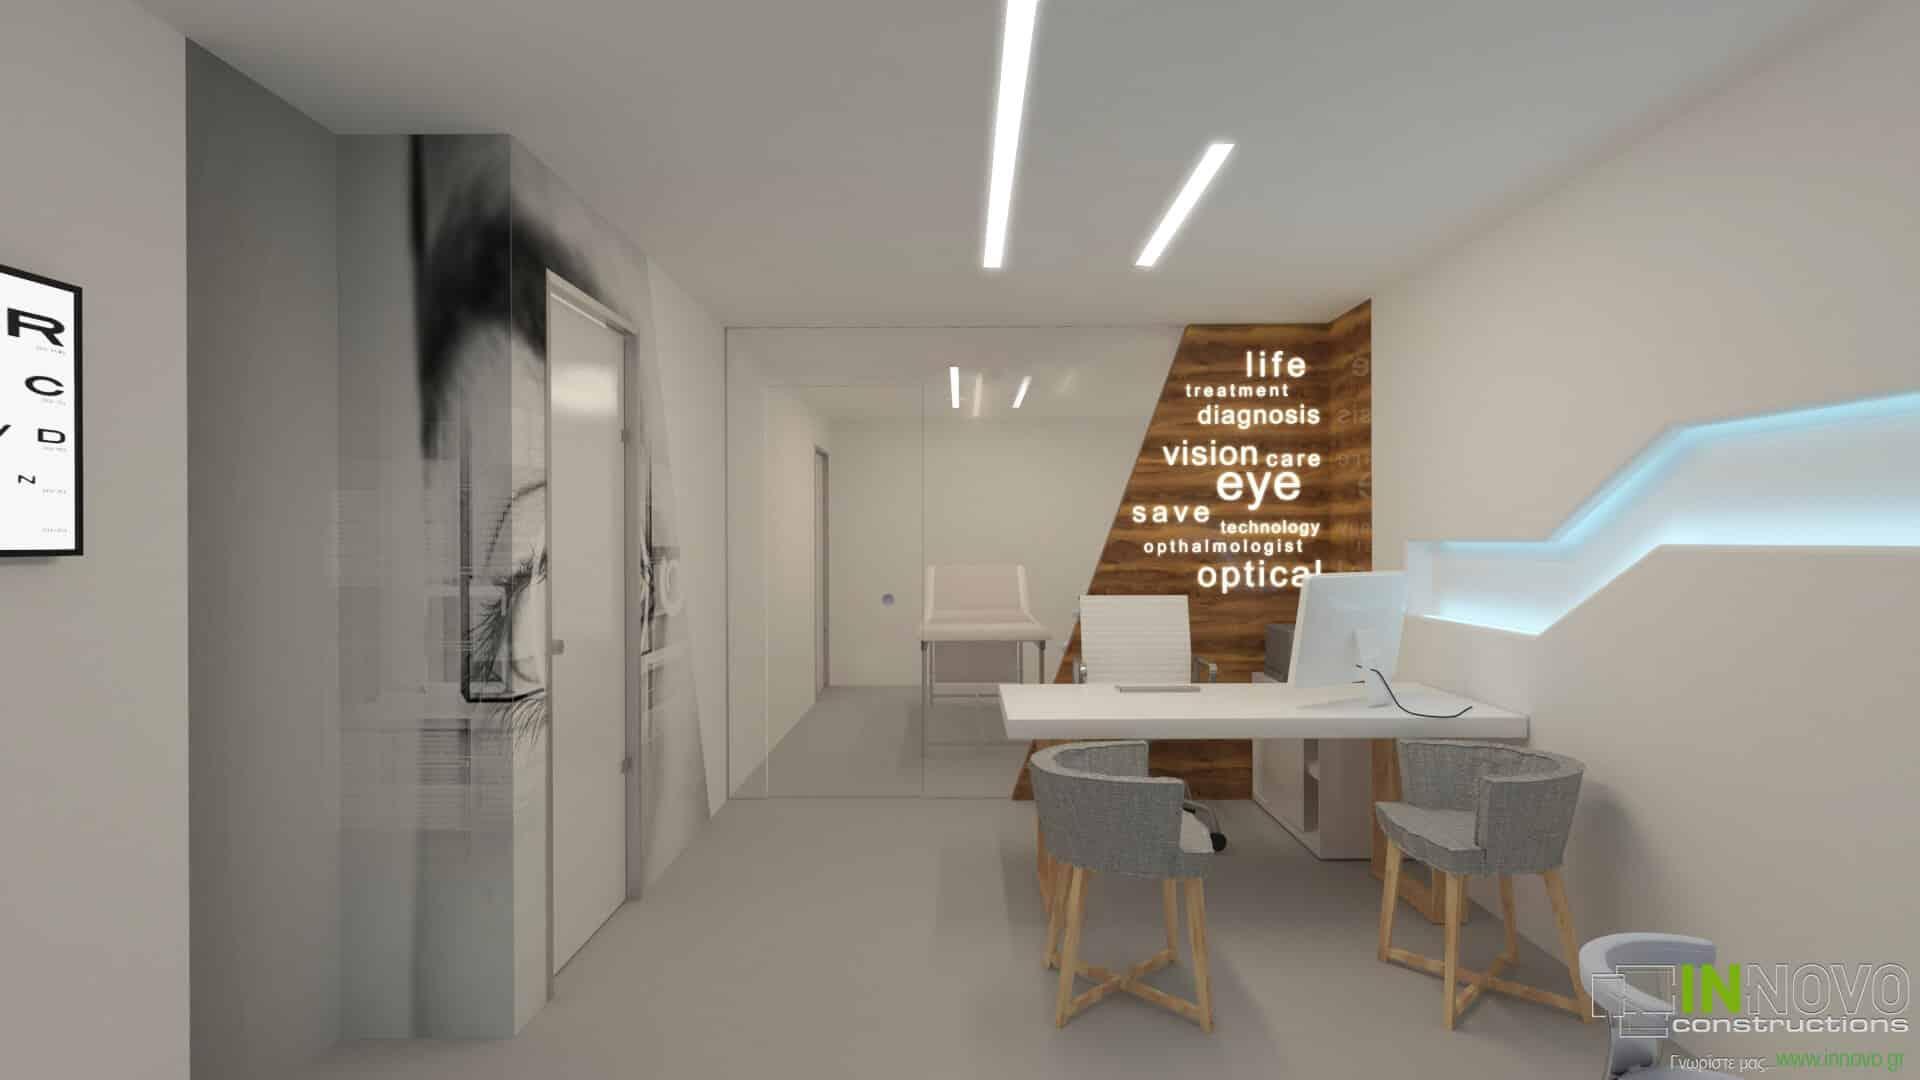 Σχεδιασμός εξοπλισμού οφθαλμολογικής κλινικής στη Γλυφάδα